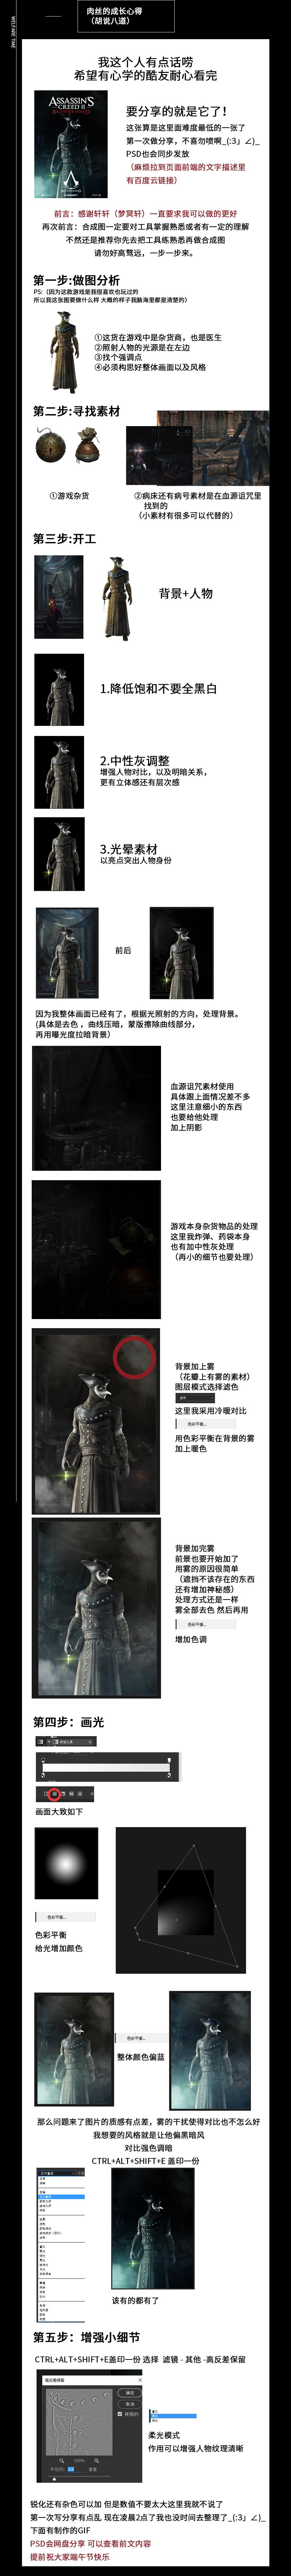 查看《【刺客信条】Assassin海报练习搞-分享PSD》原图,原图尺寸:900x7956